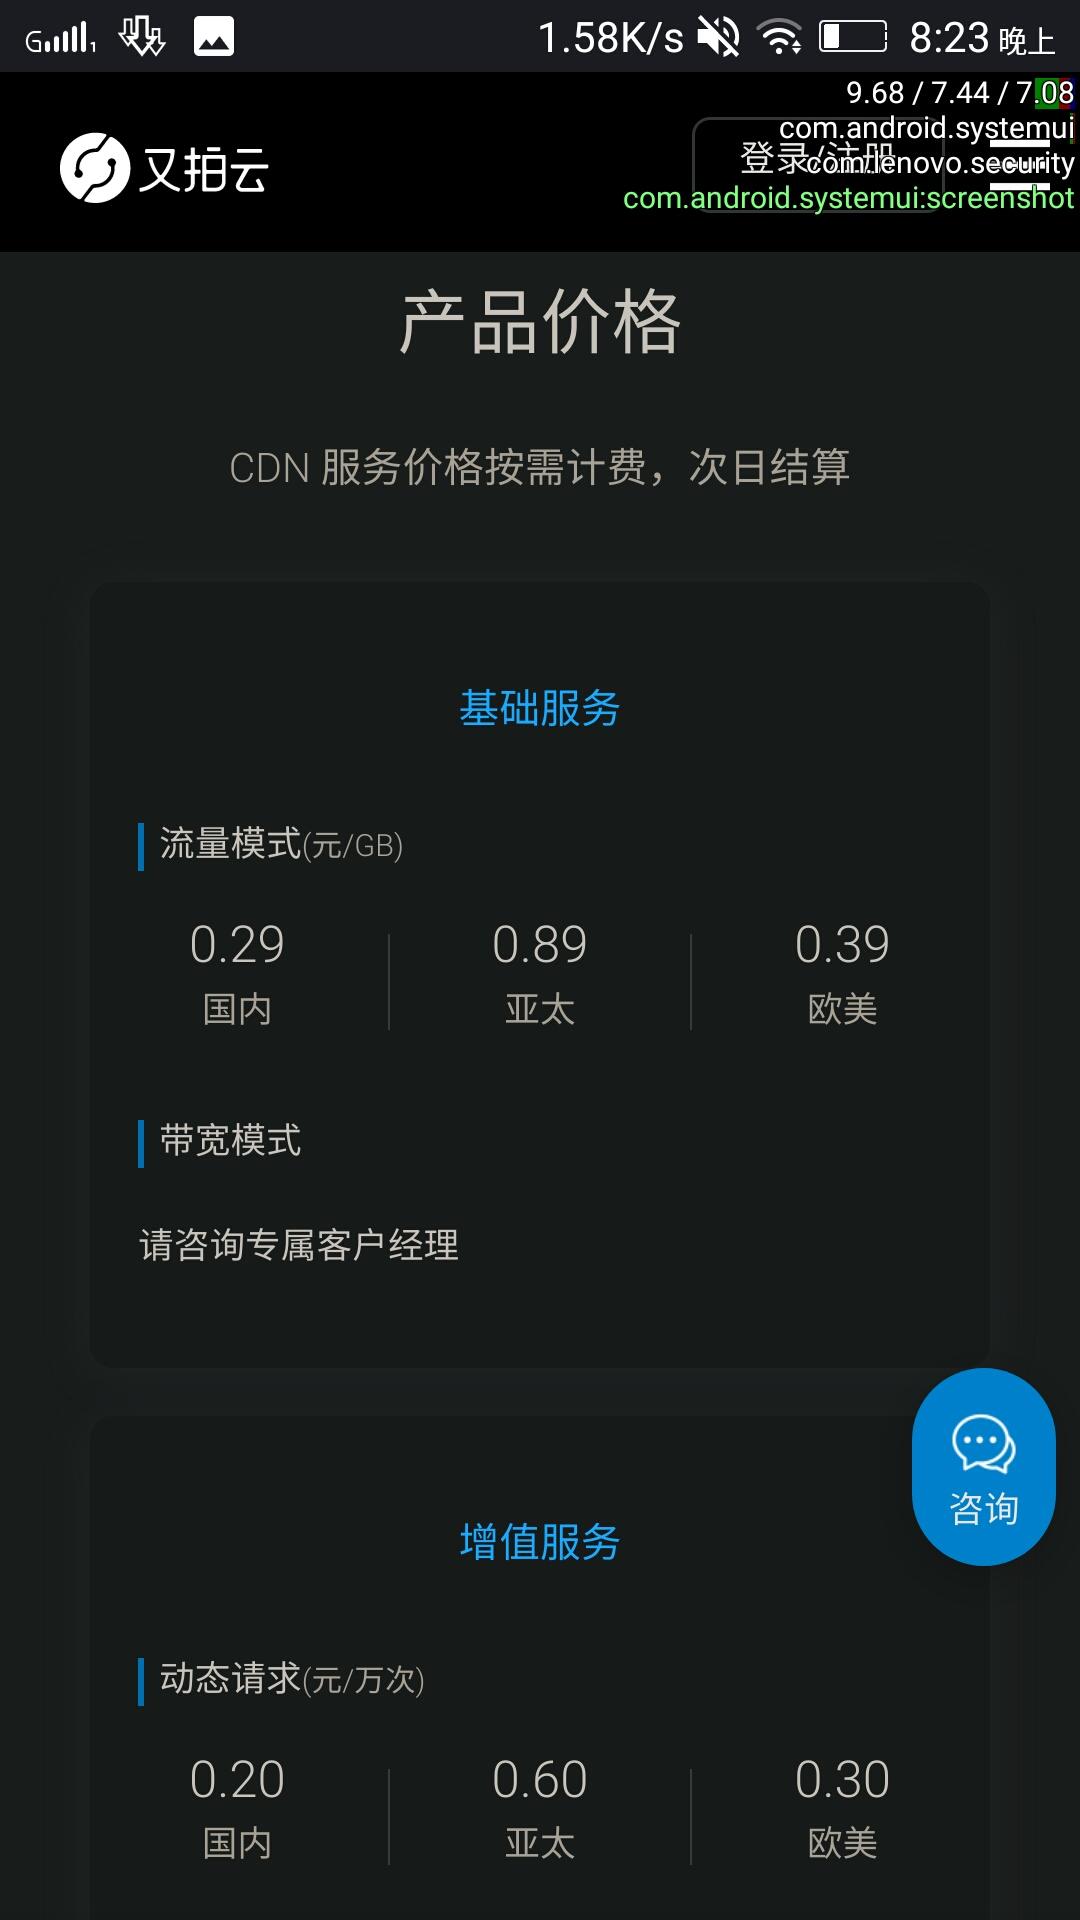 又拍云CDN价格-国内0.3元每gb-亚太0.9元每gb-欧美0.4元每gb